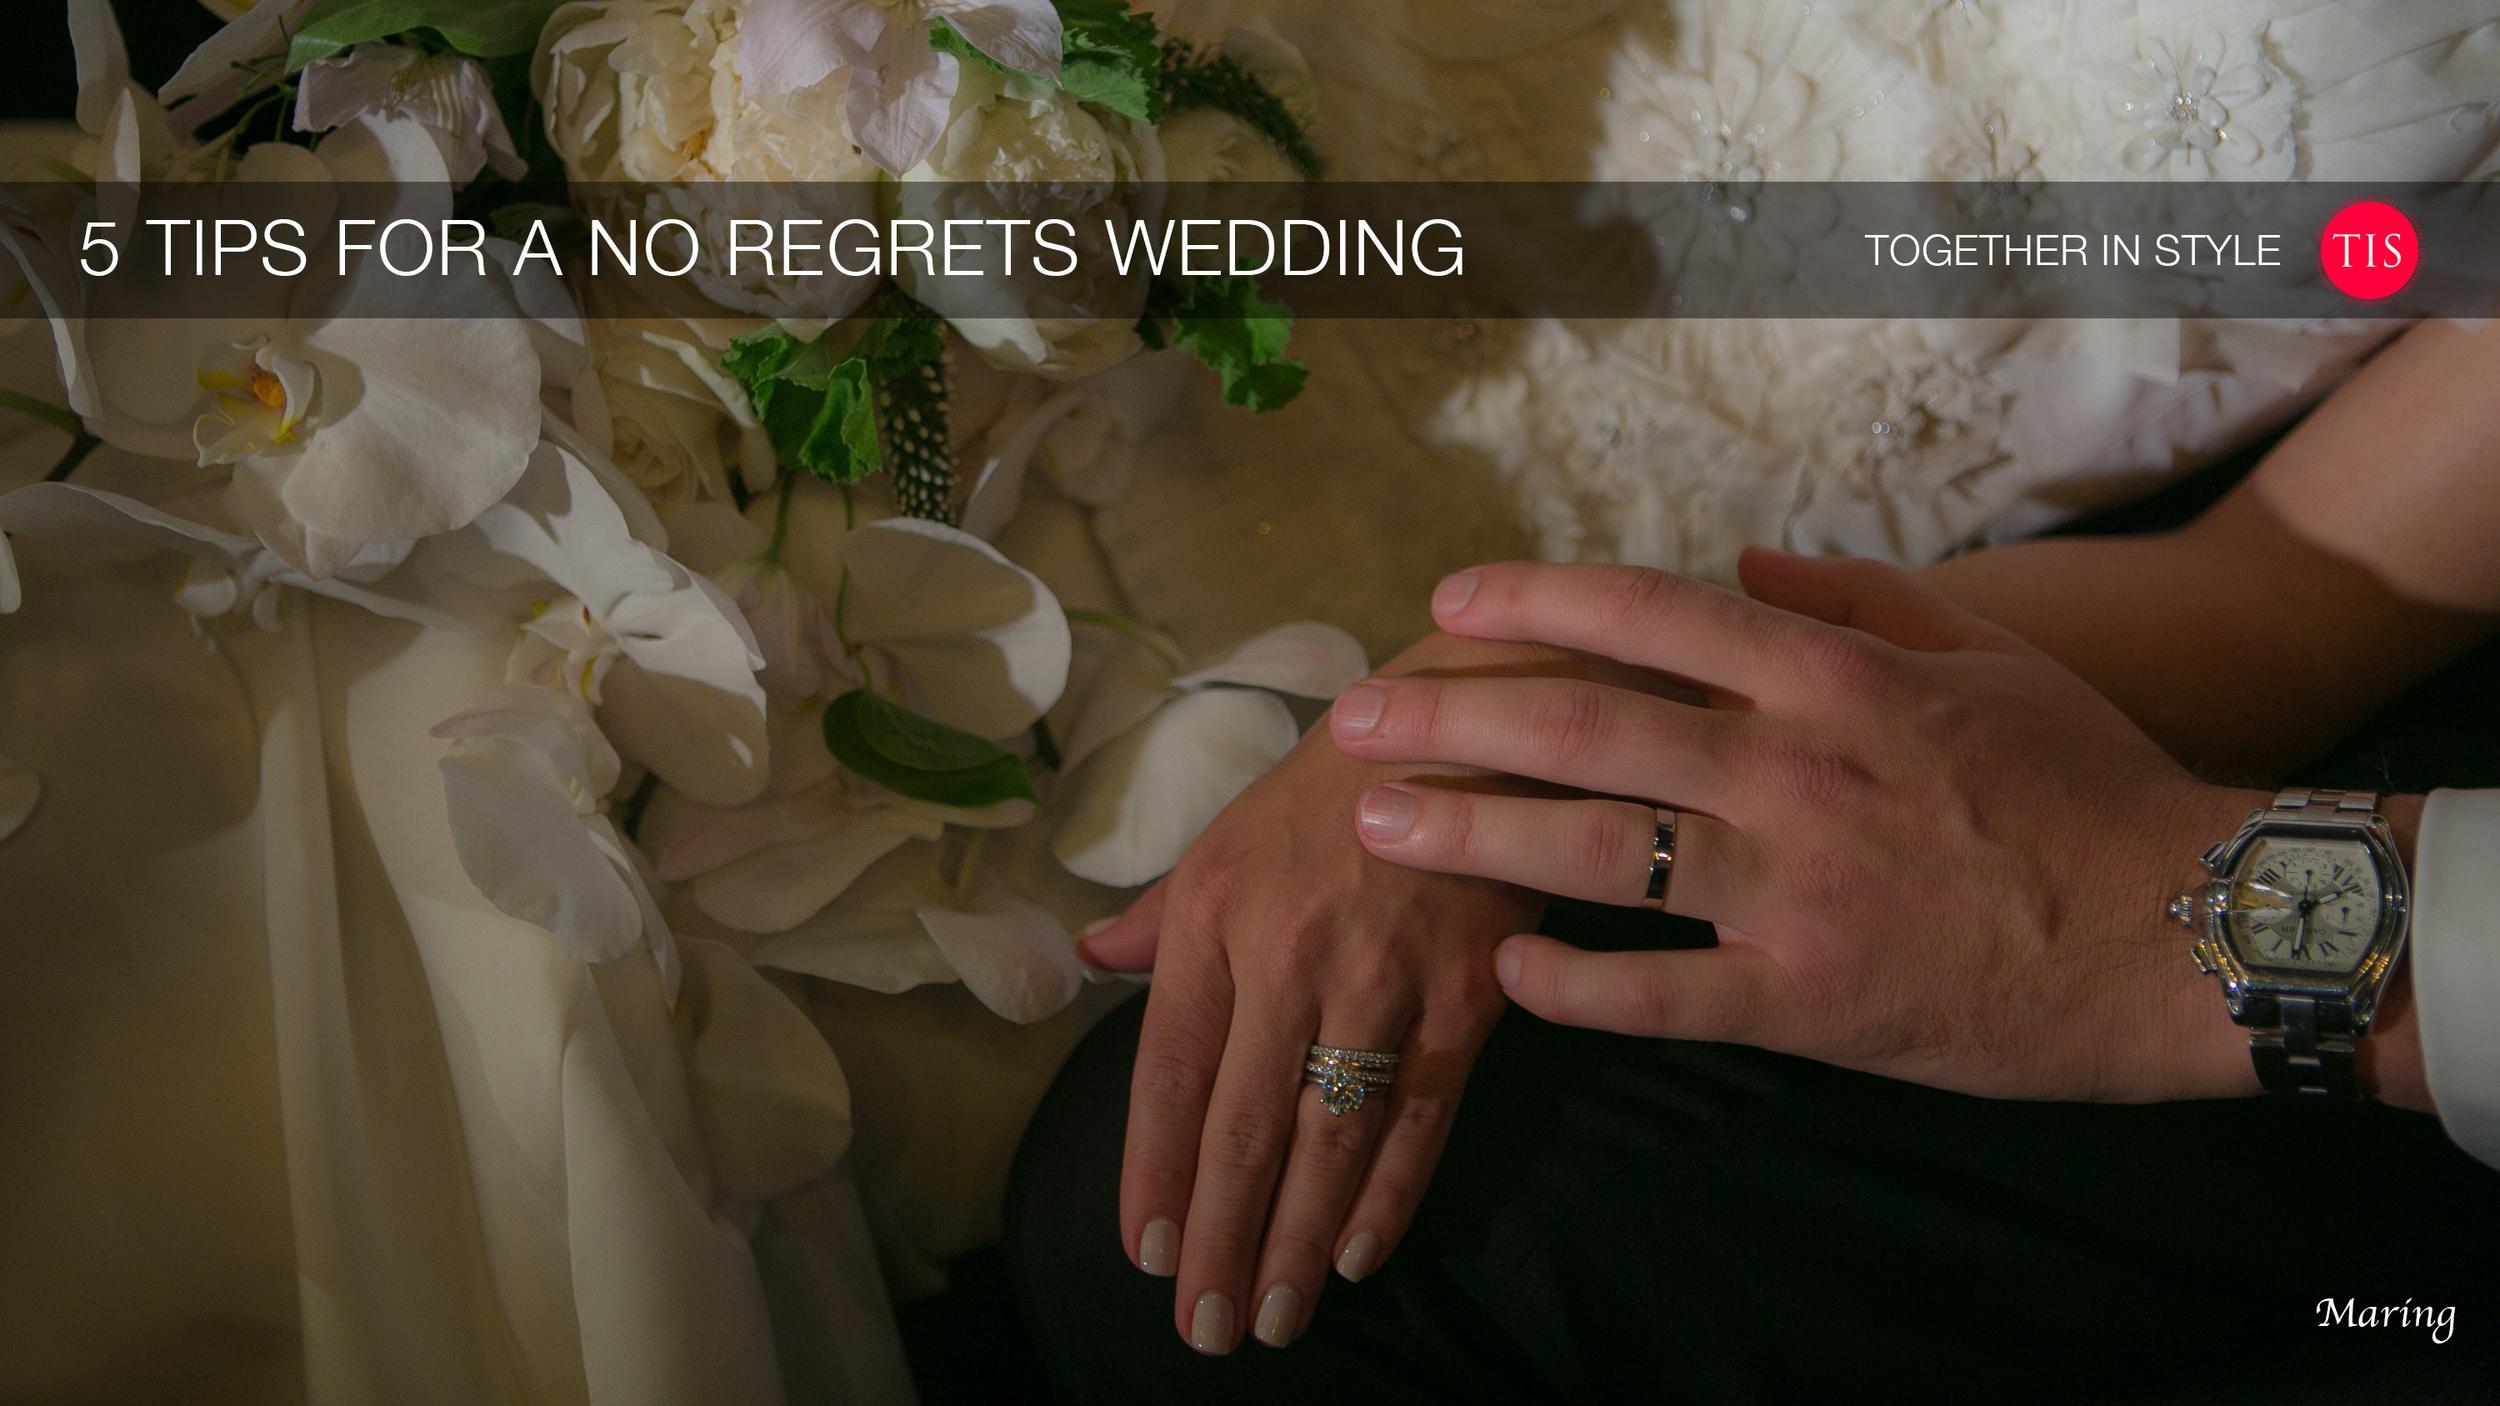 No Regrets Wedding Tips